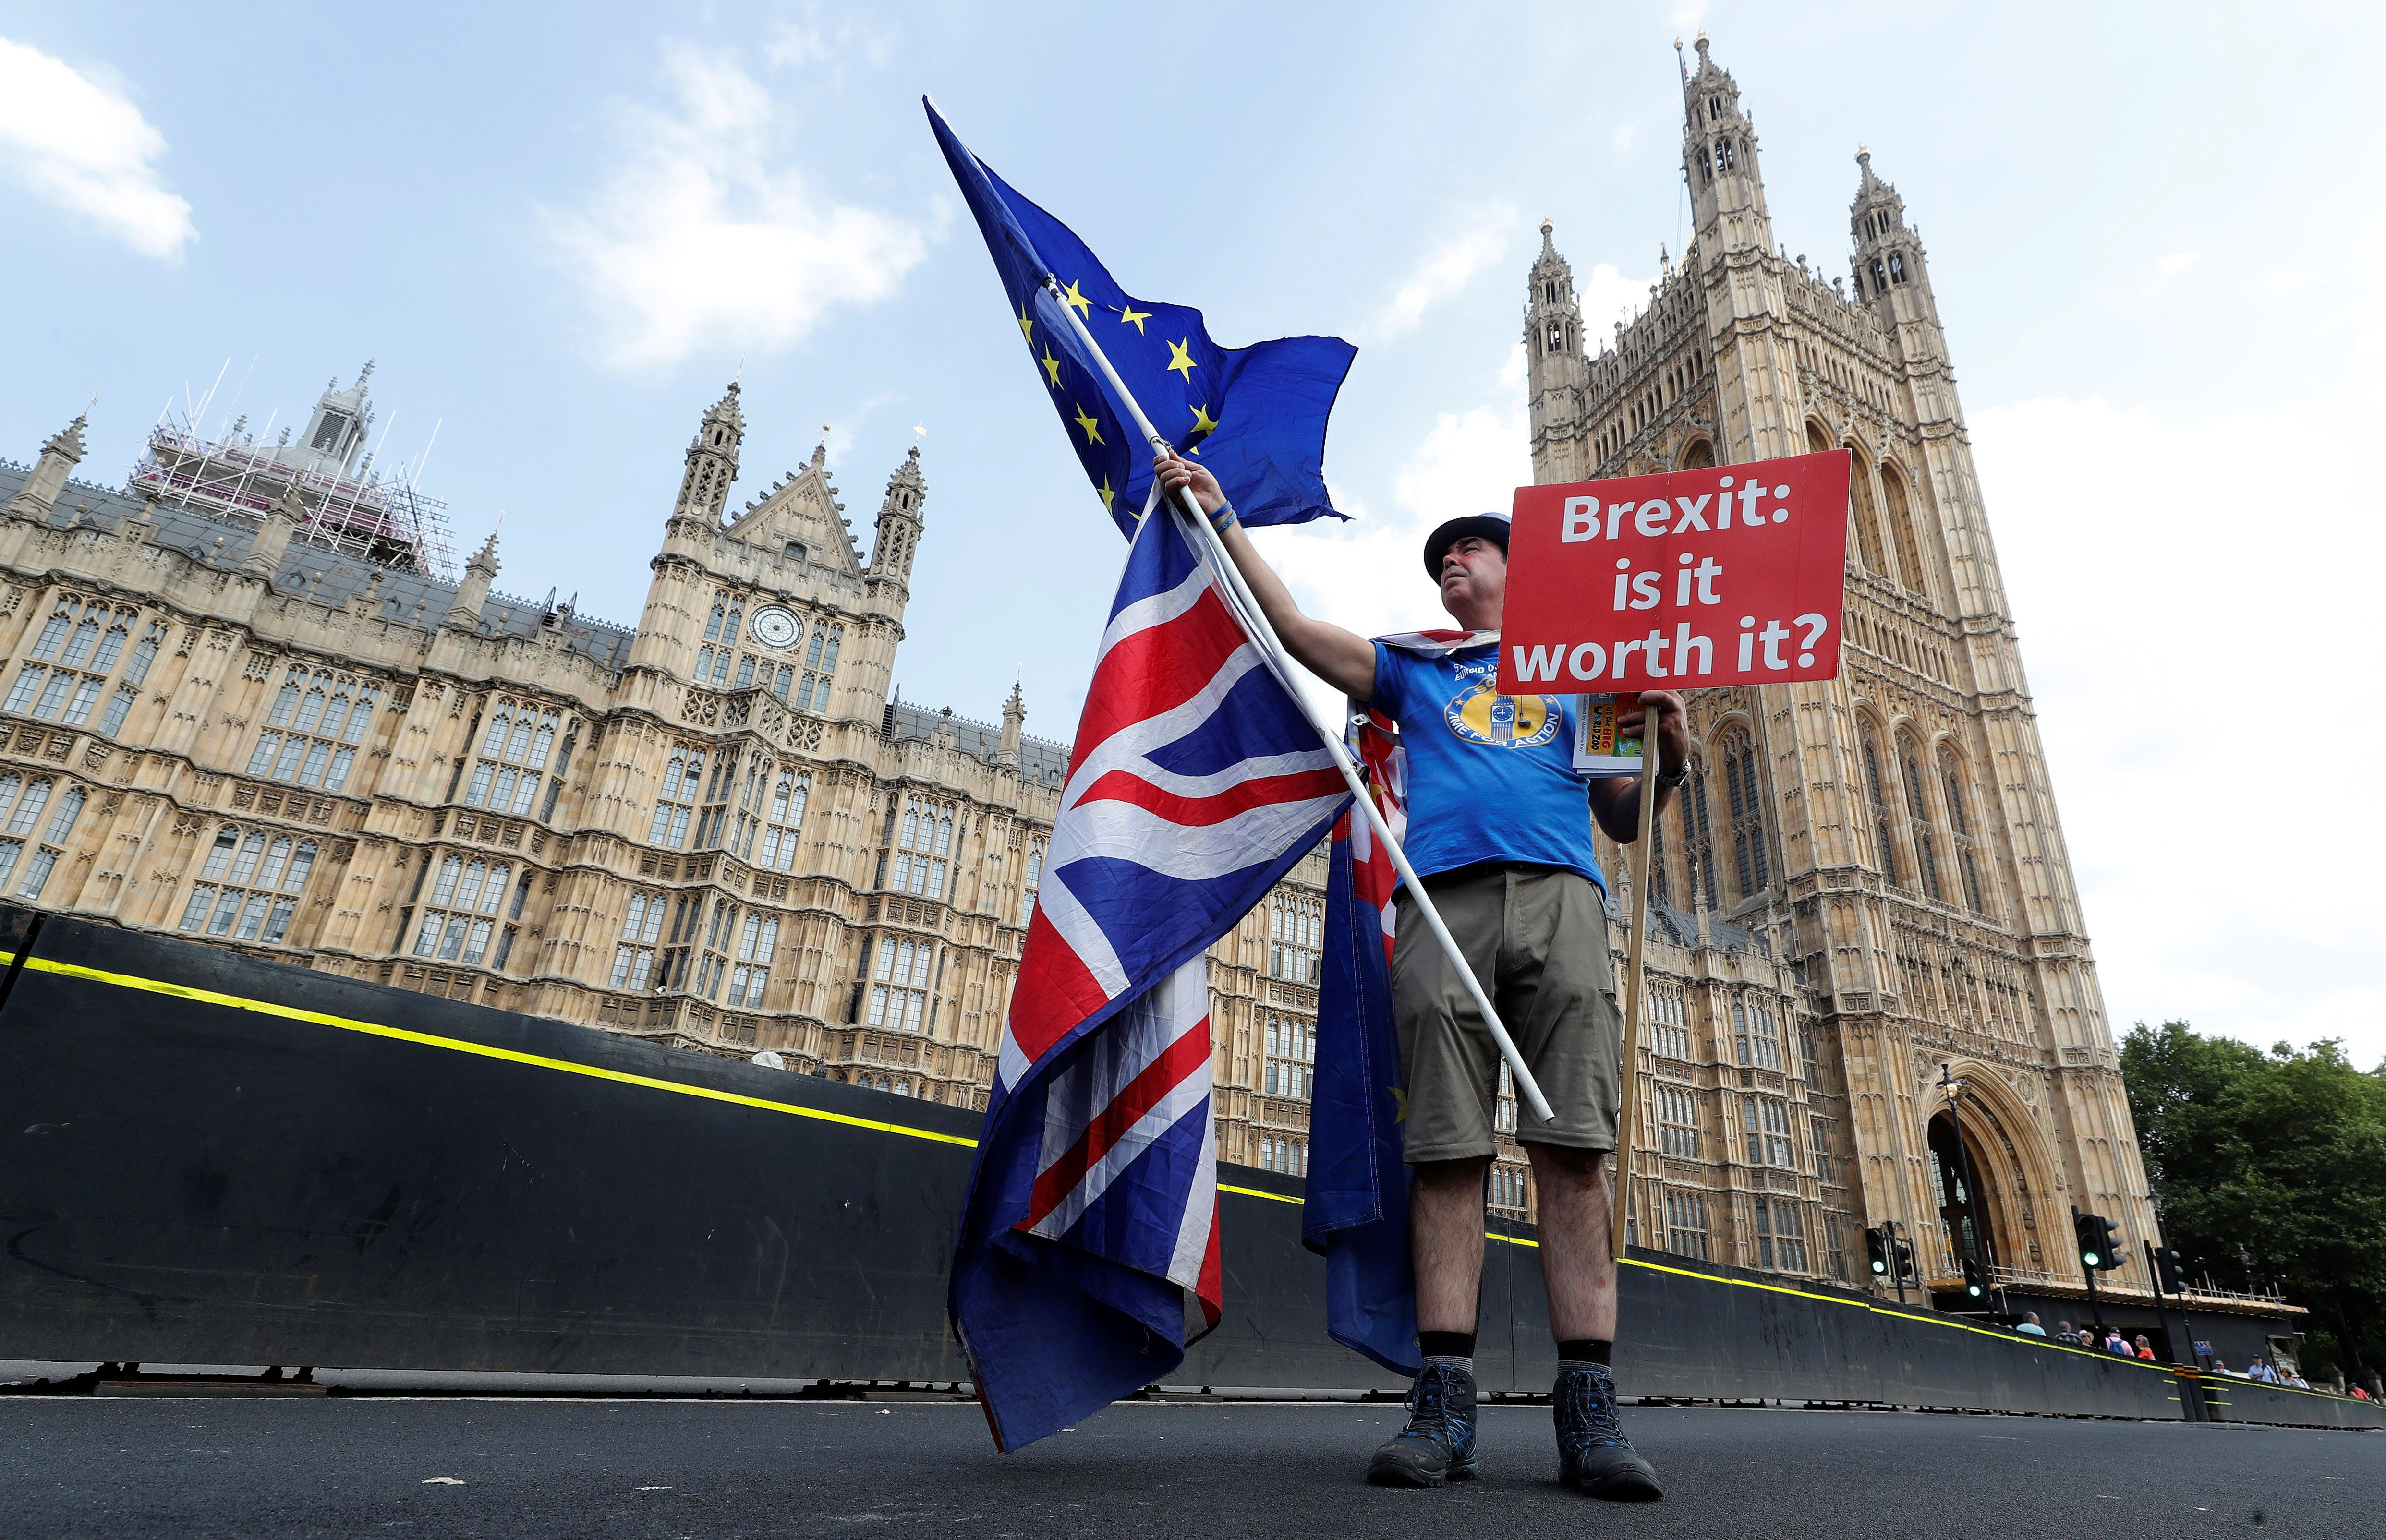 Η Ευρωπαϊκή Επιτροπή καλεί τις χώρες-μέλη της ΕΕ να εντείνουν την προετοιμασία για το